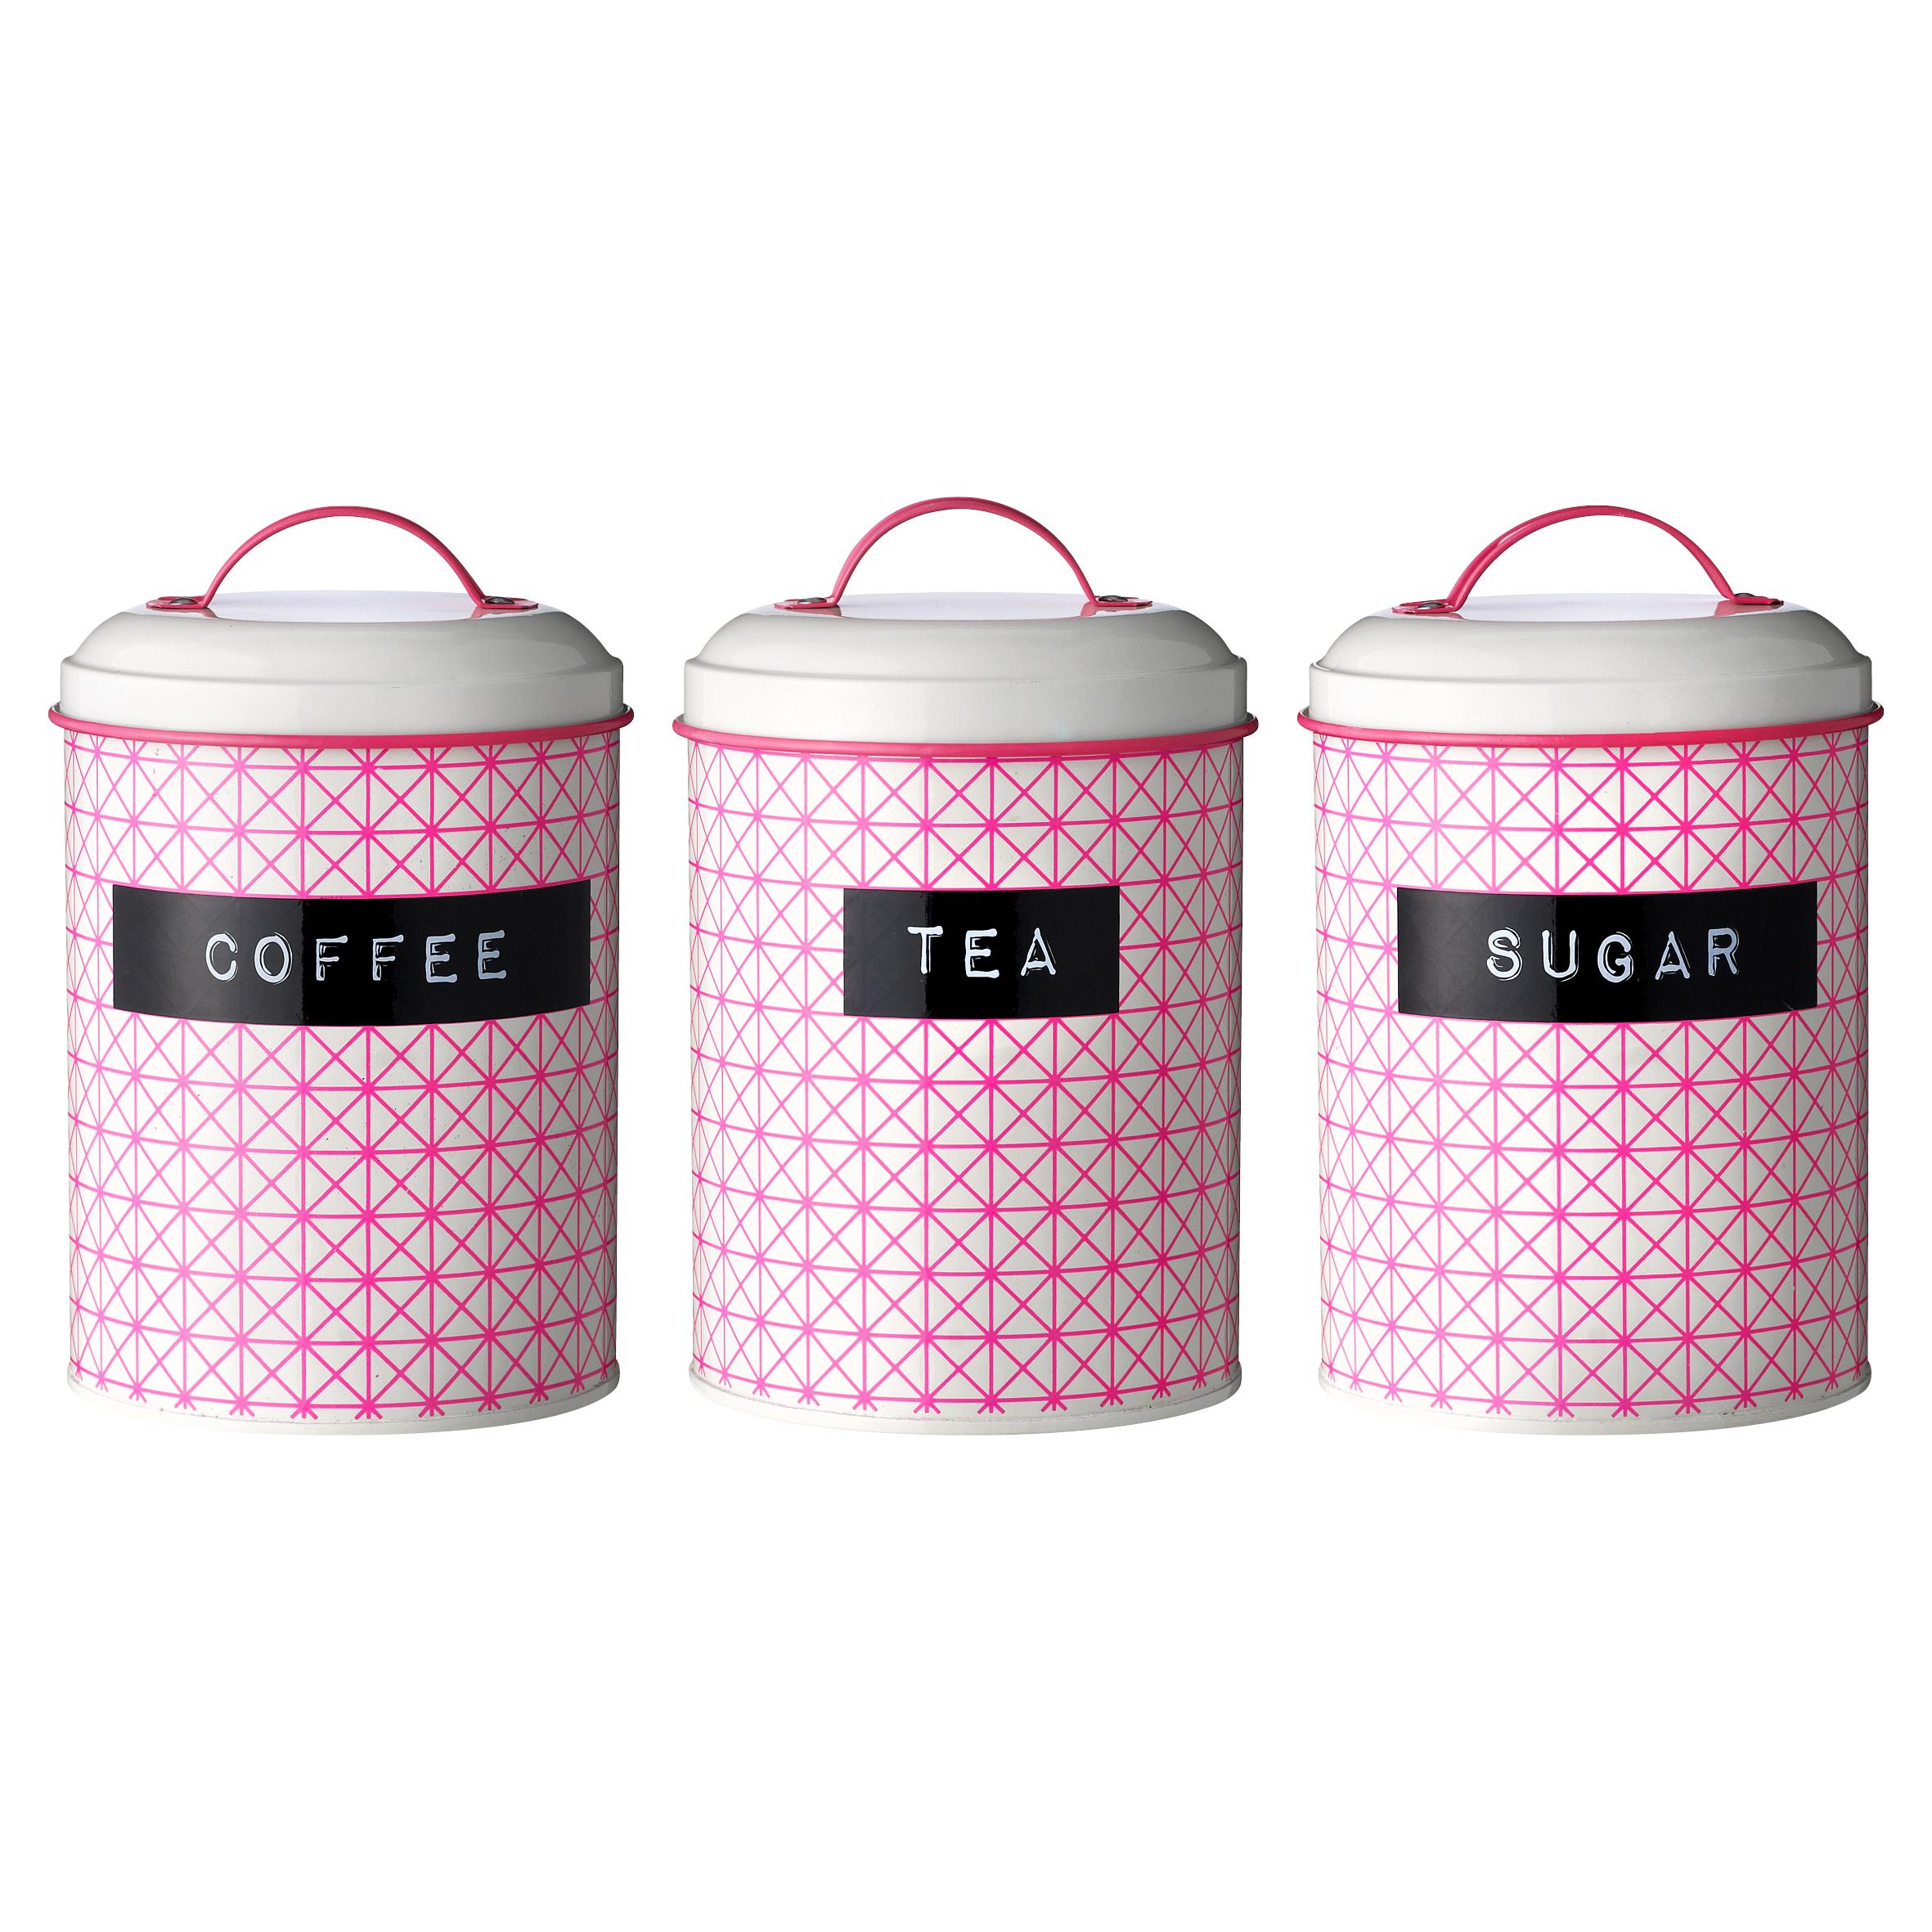 Набор емкостей Metal retroЕмкости для хранения<br>Набор емкостей для хранения сахара, кофе и чая выполнен из высококачественных материалов, а эта яркая расцветка в стиле ретро добавит настроения на Вашей кухне и привлечет внимание гостей!<br><br>Material: Металл<br>Высота см: 14.5